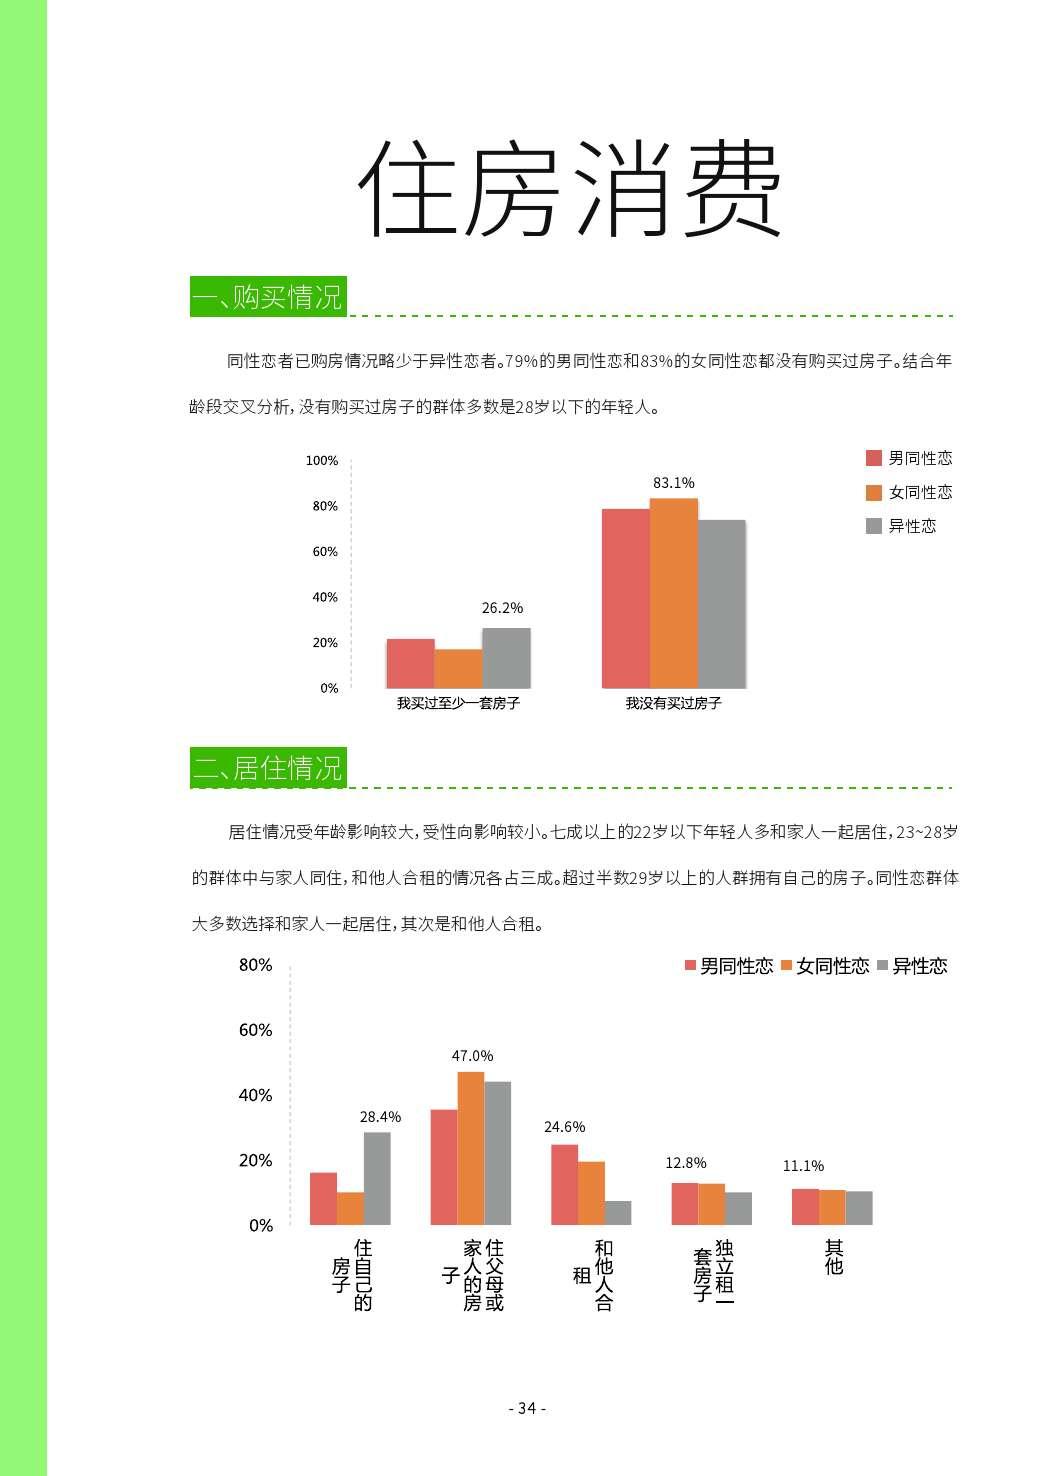 第二届中国LGBT群体消费调查报告_000034